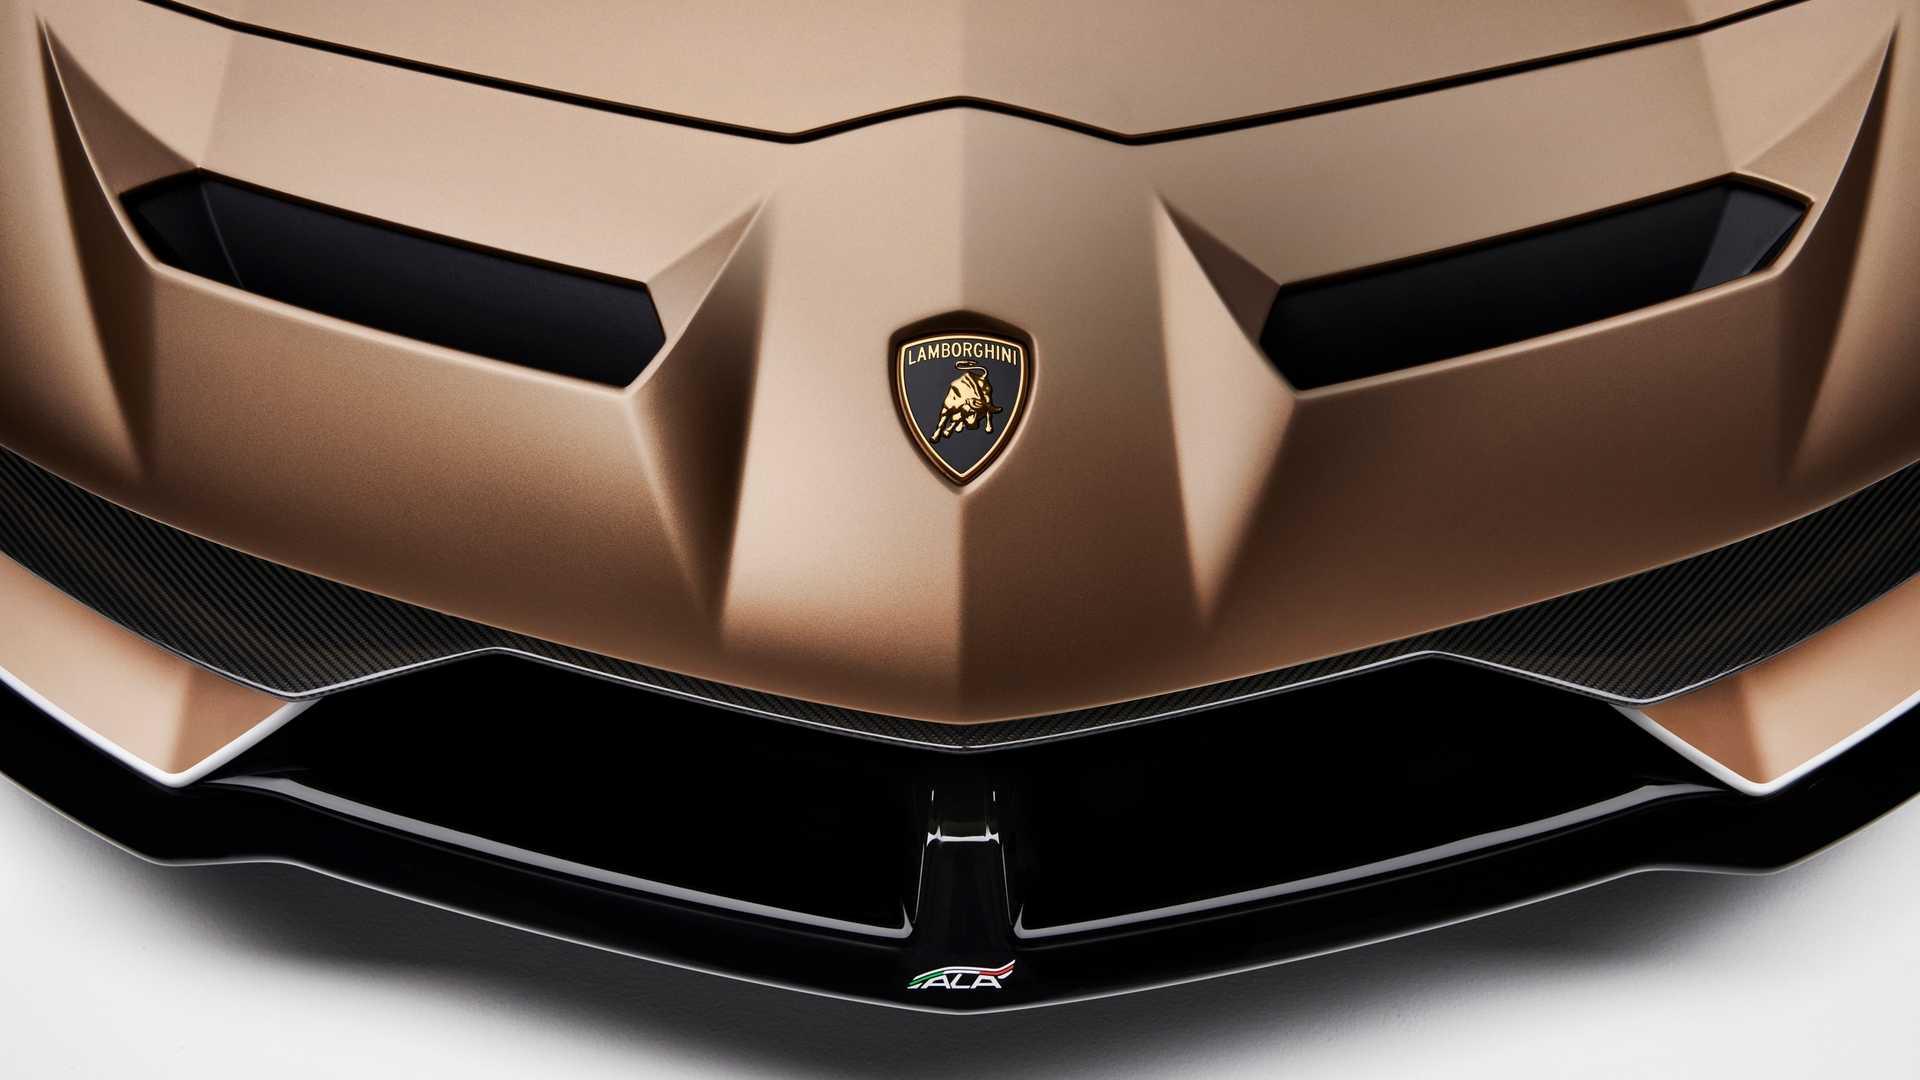 2020 Lamborghini Aventador Svj Roadster Badge Wallpaper 32 Hd